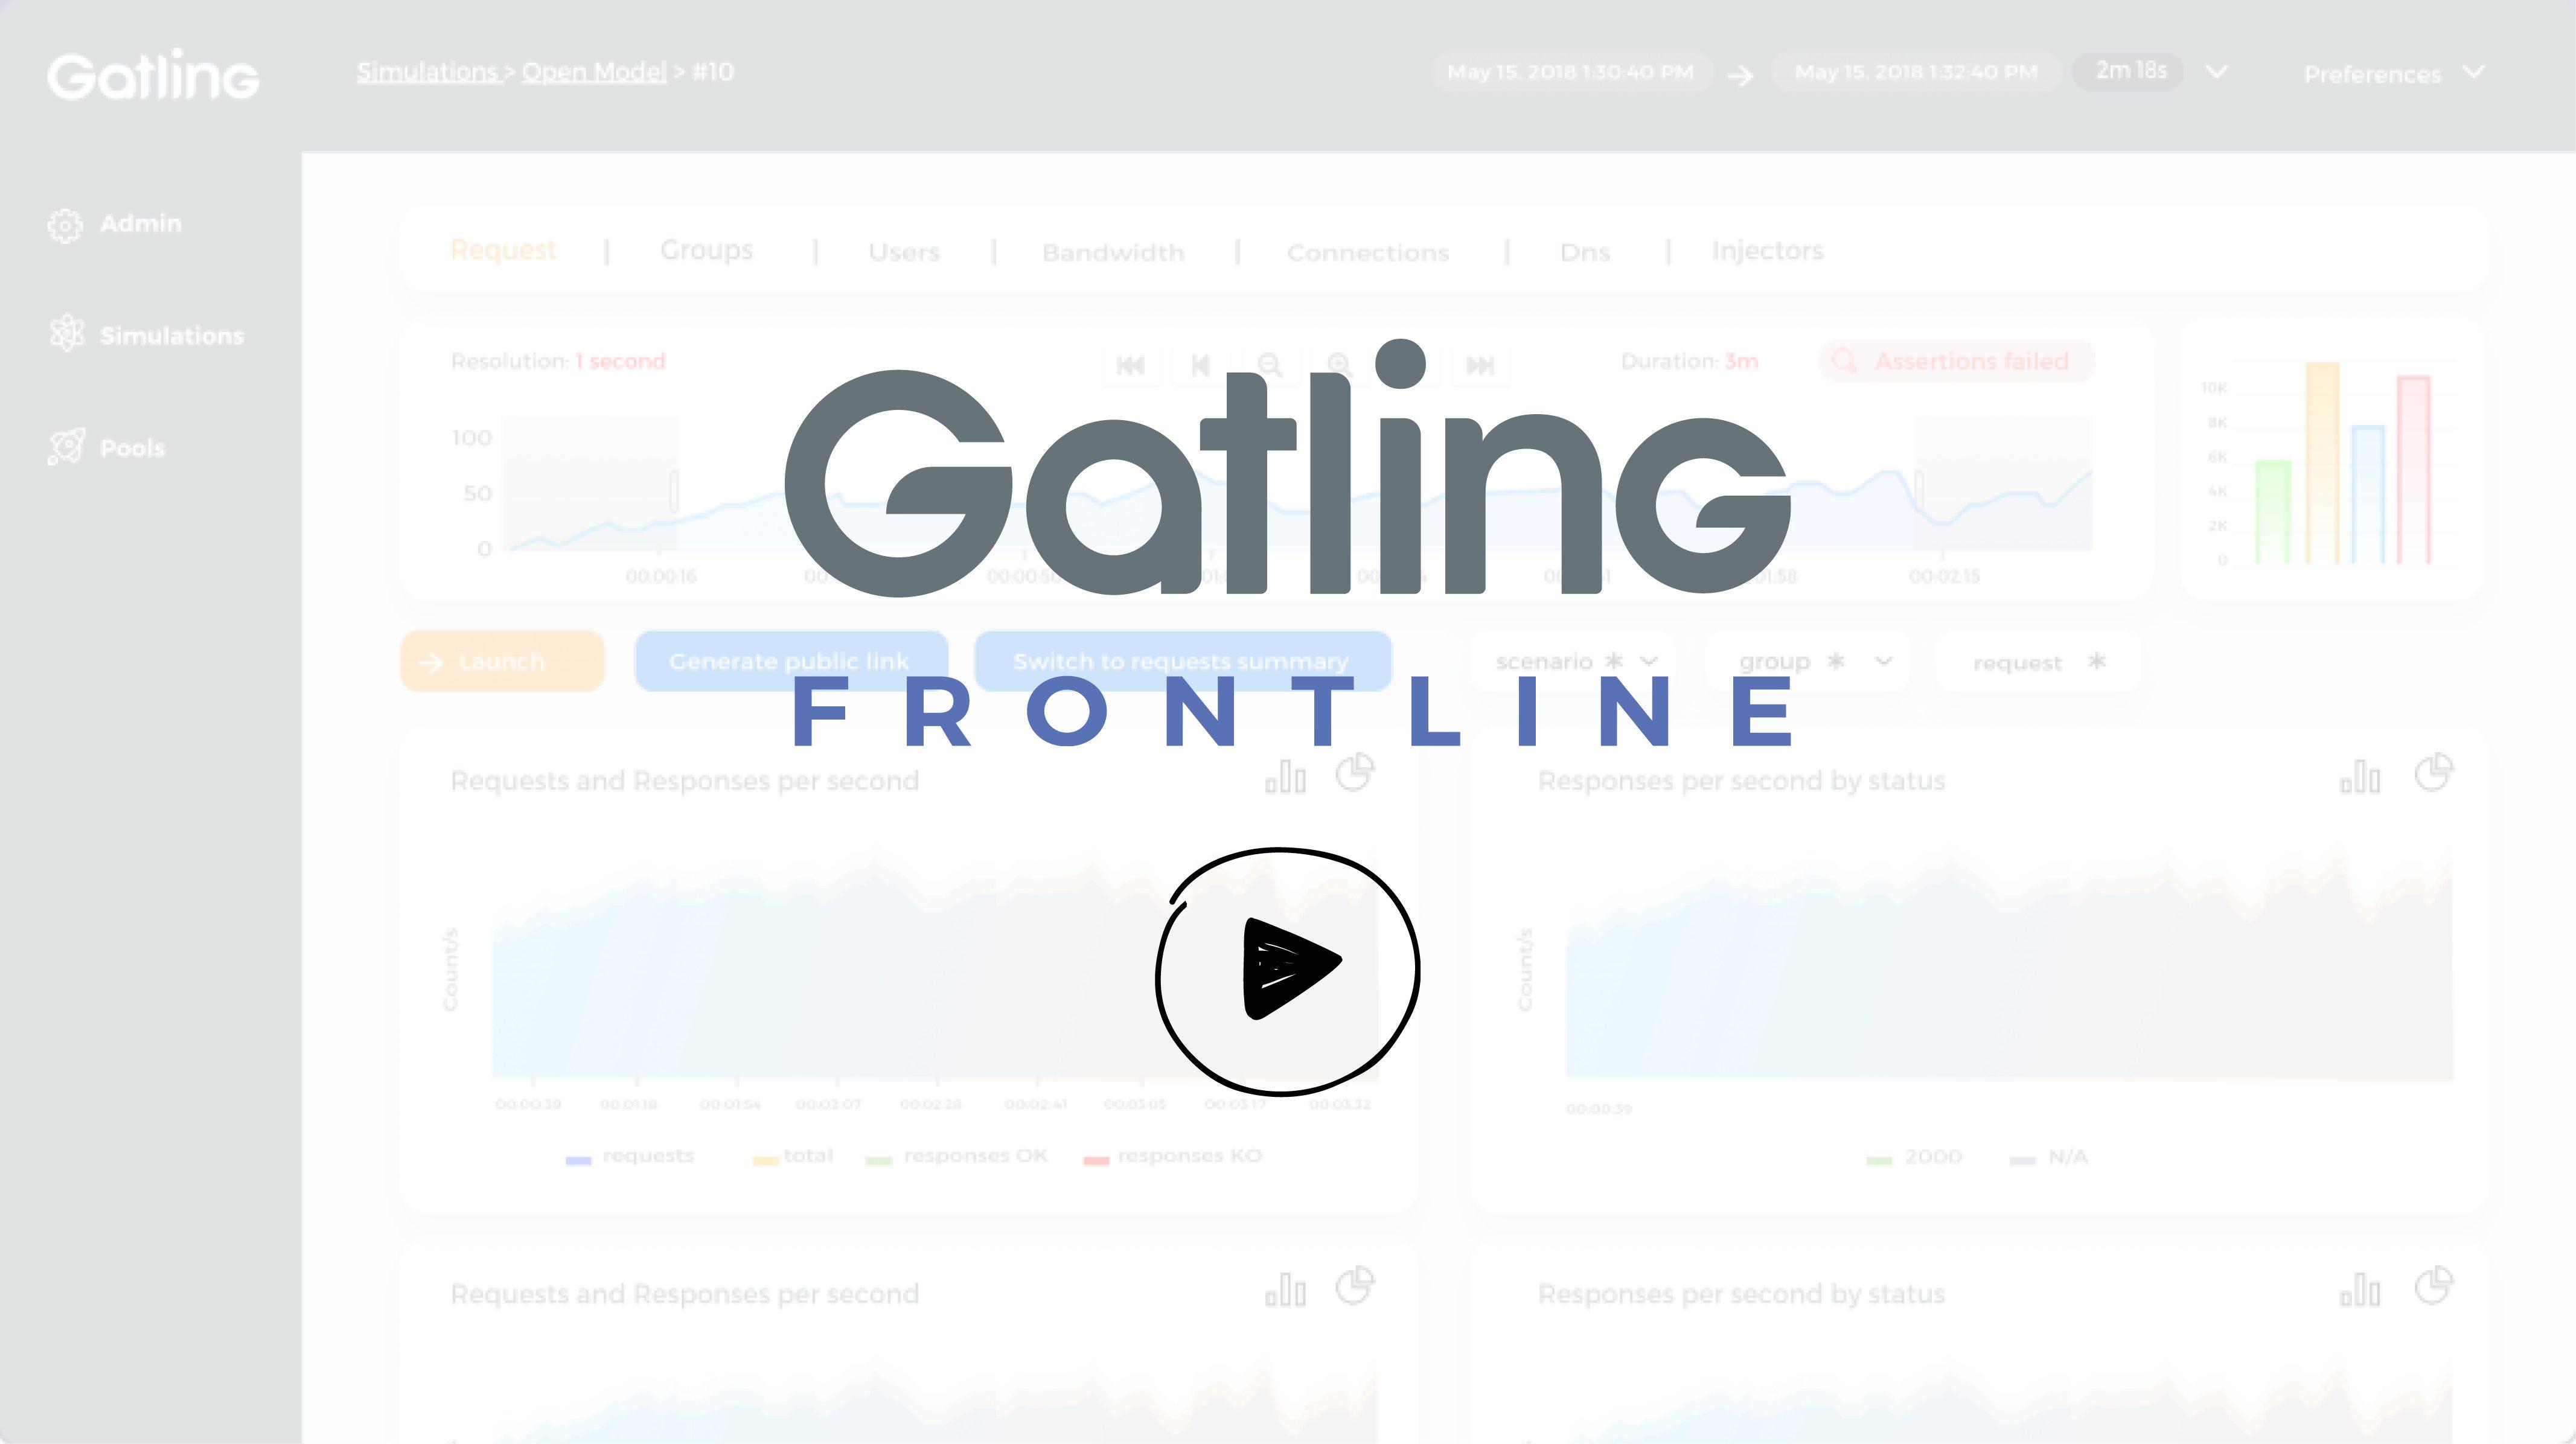 Gatling FrontLine demo